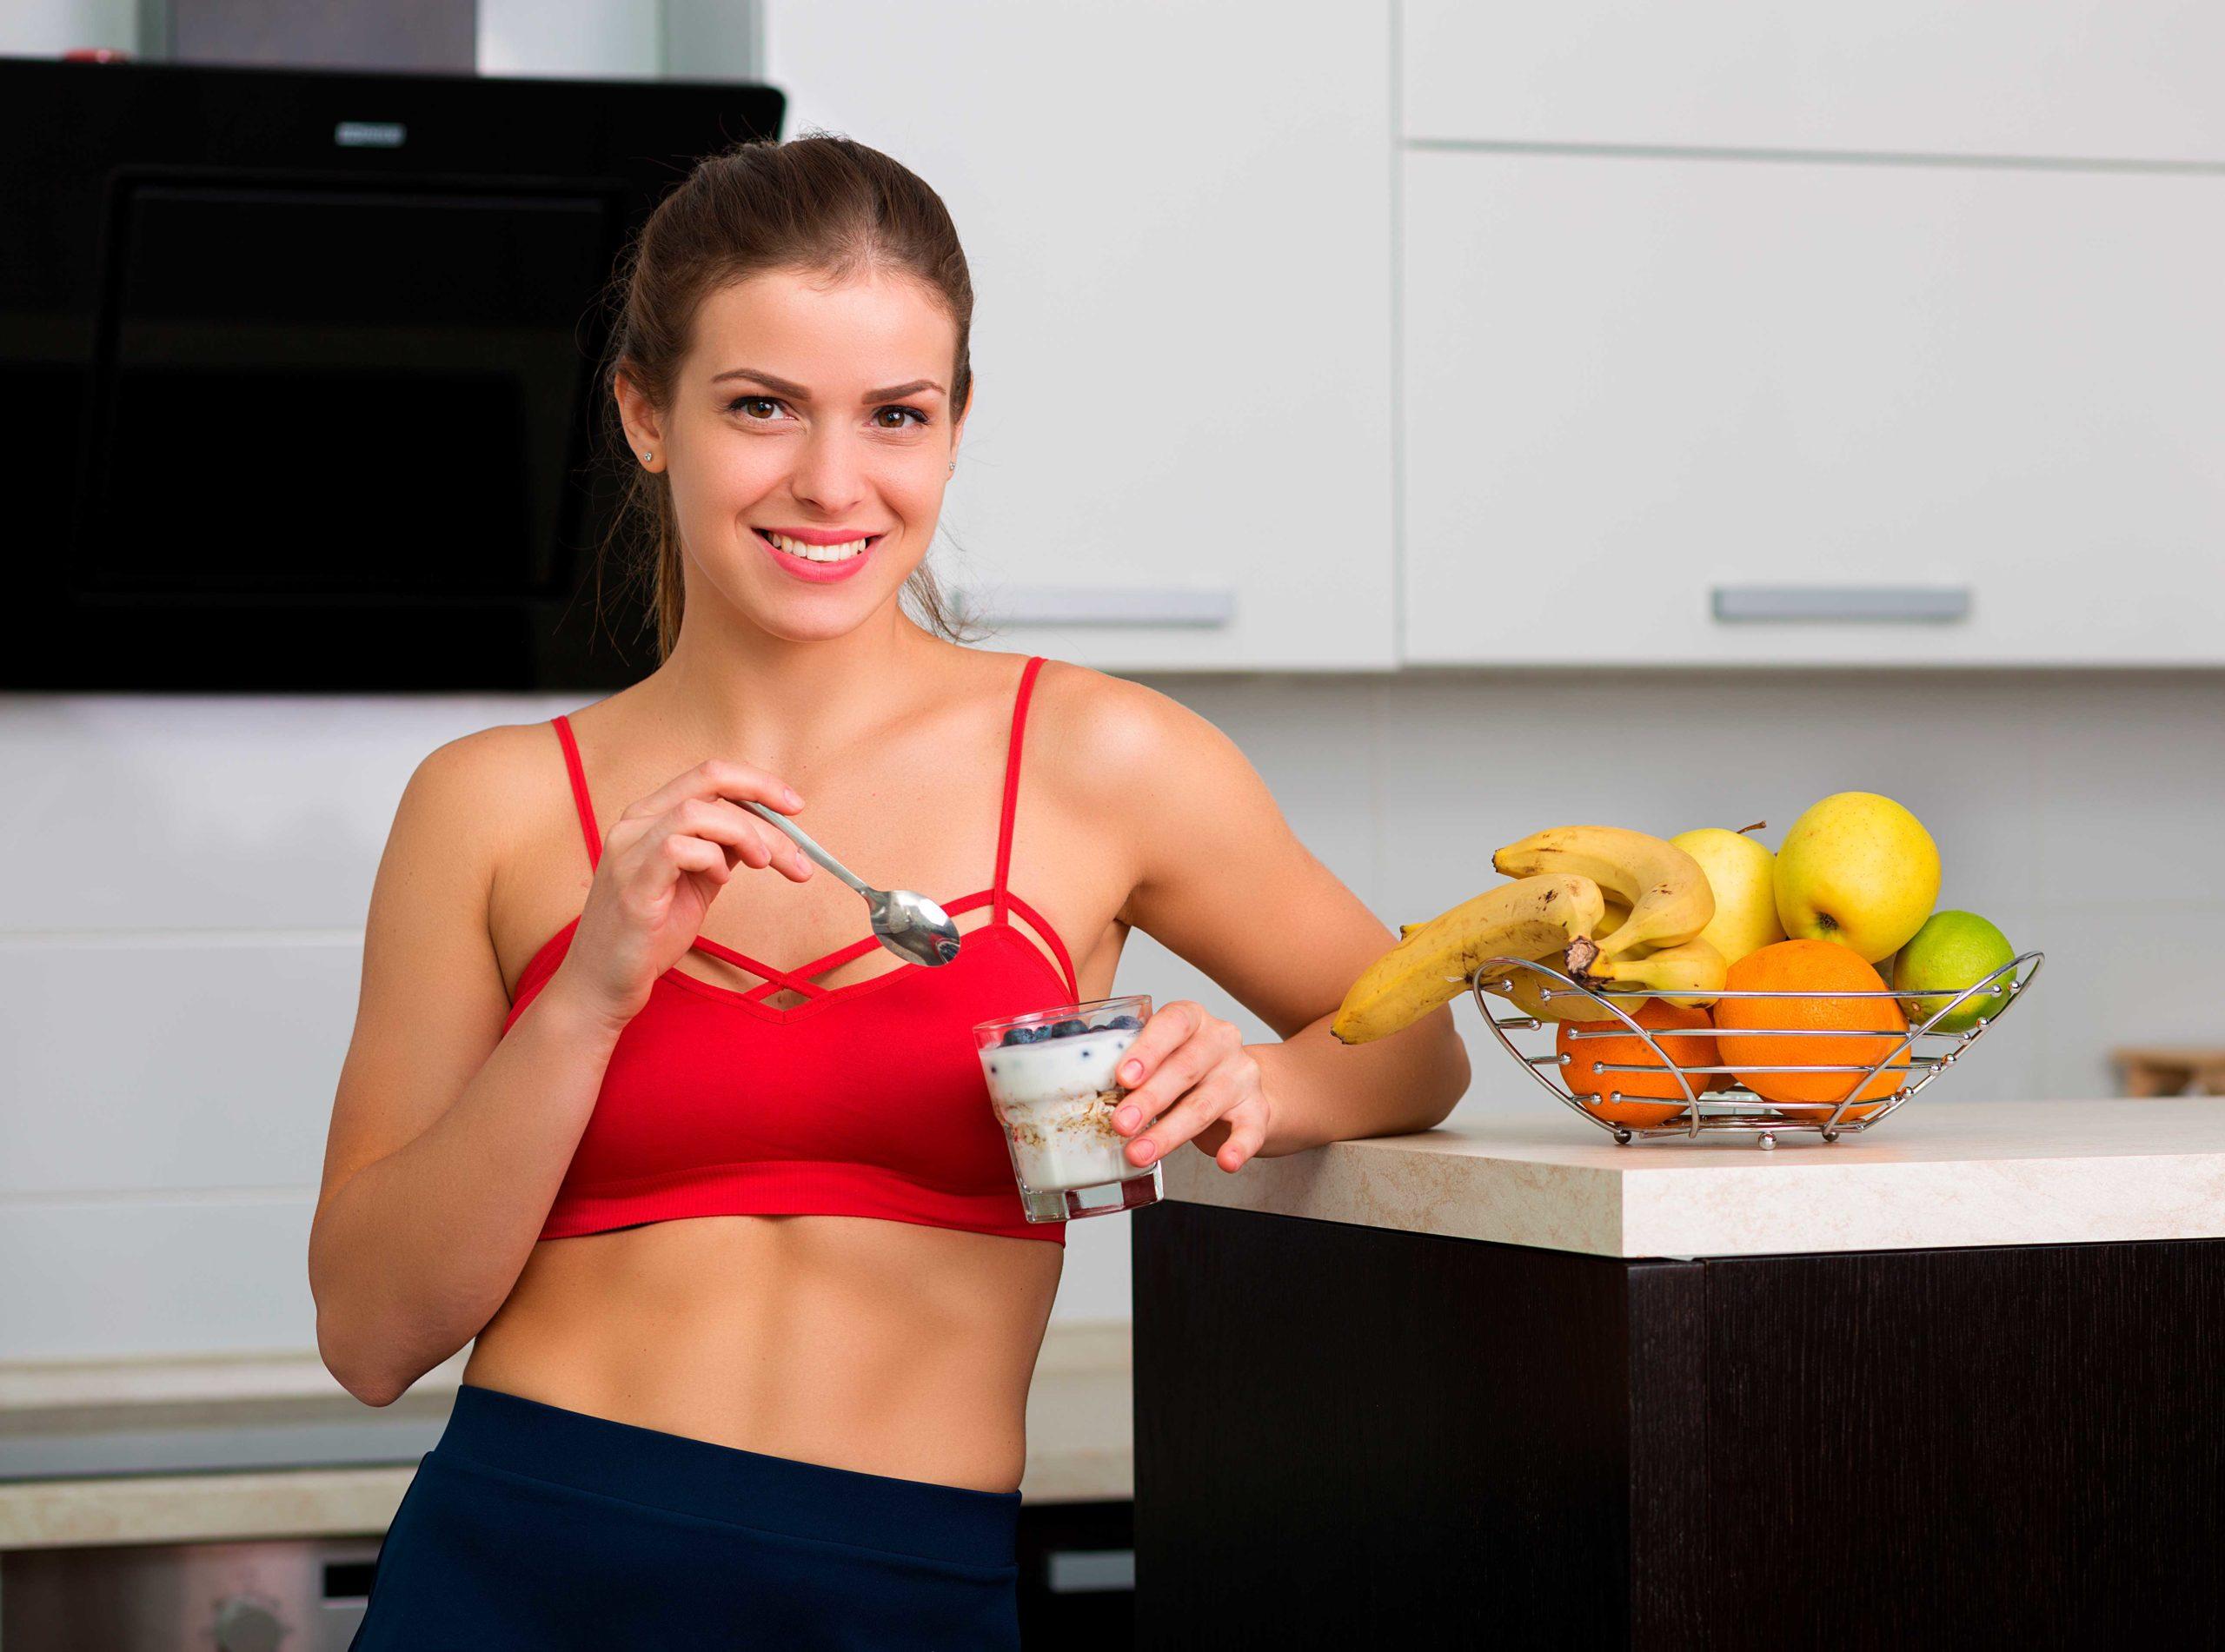 Правильное Питание Похудеть Советы. Советы диетолога для быстрого похудения